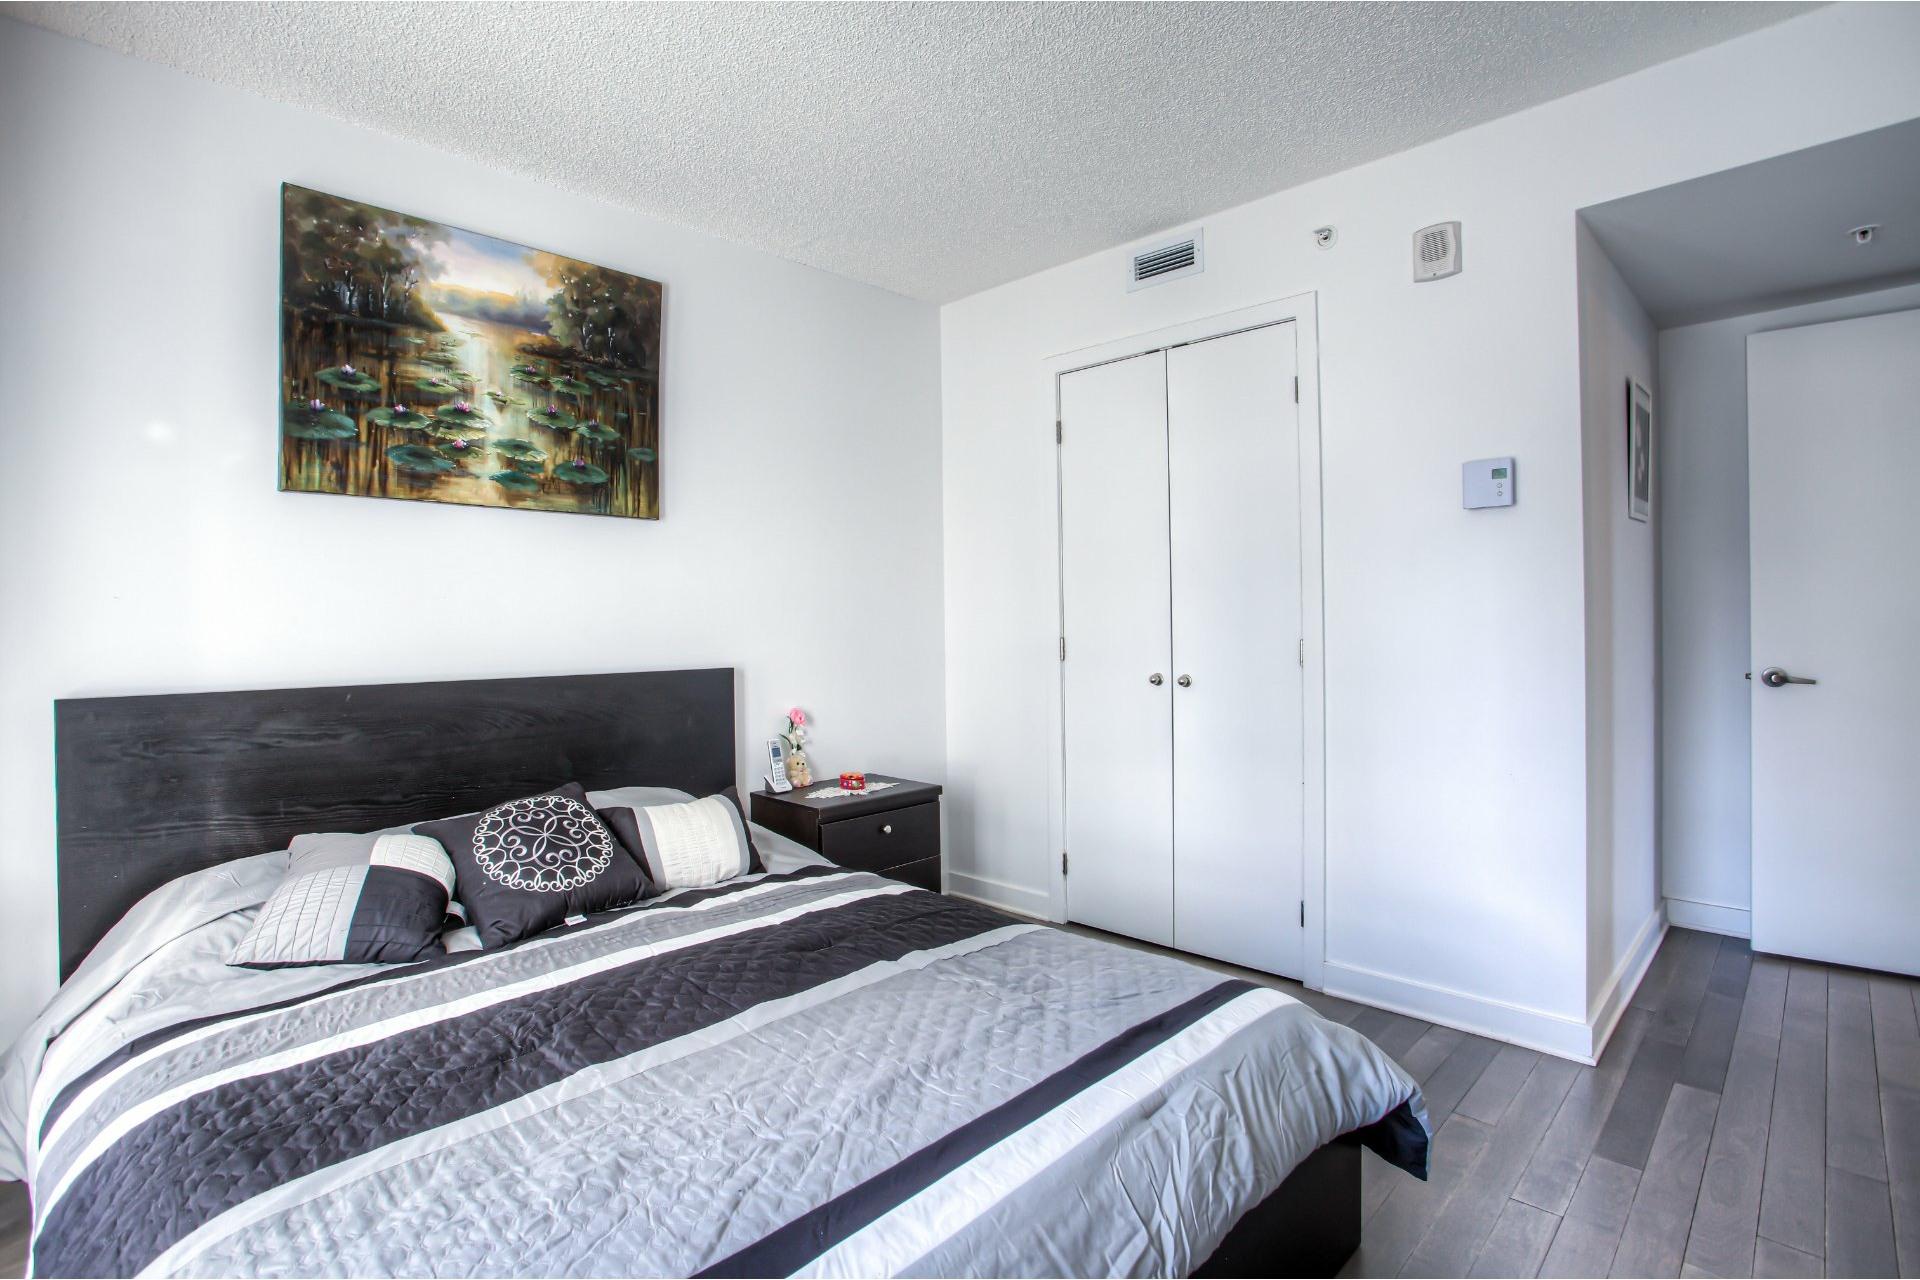 image 15 - Apartment For sale Ahuntsic-Cartierville Montréal  - 7 rooms